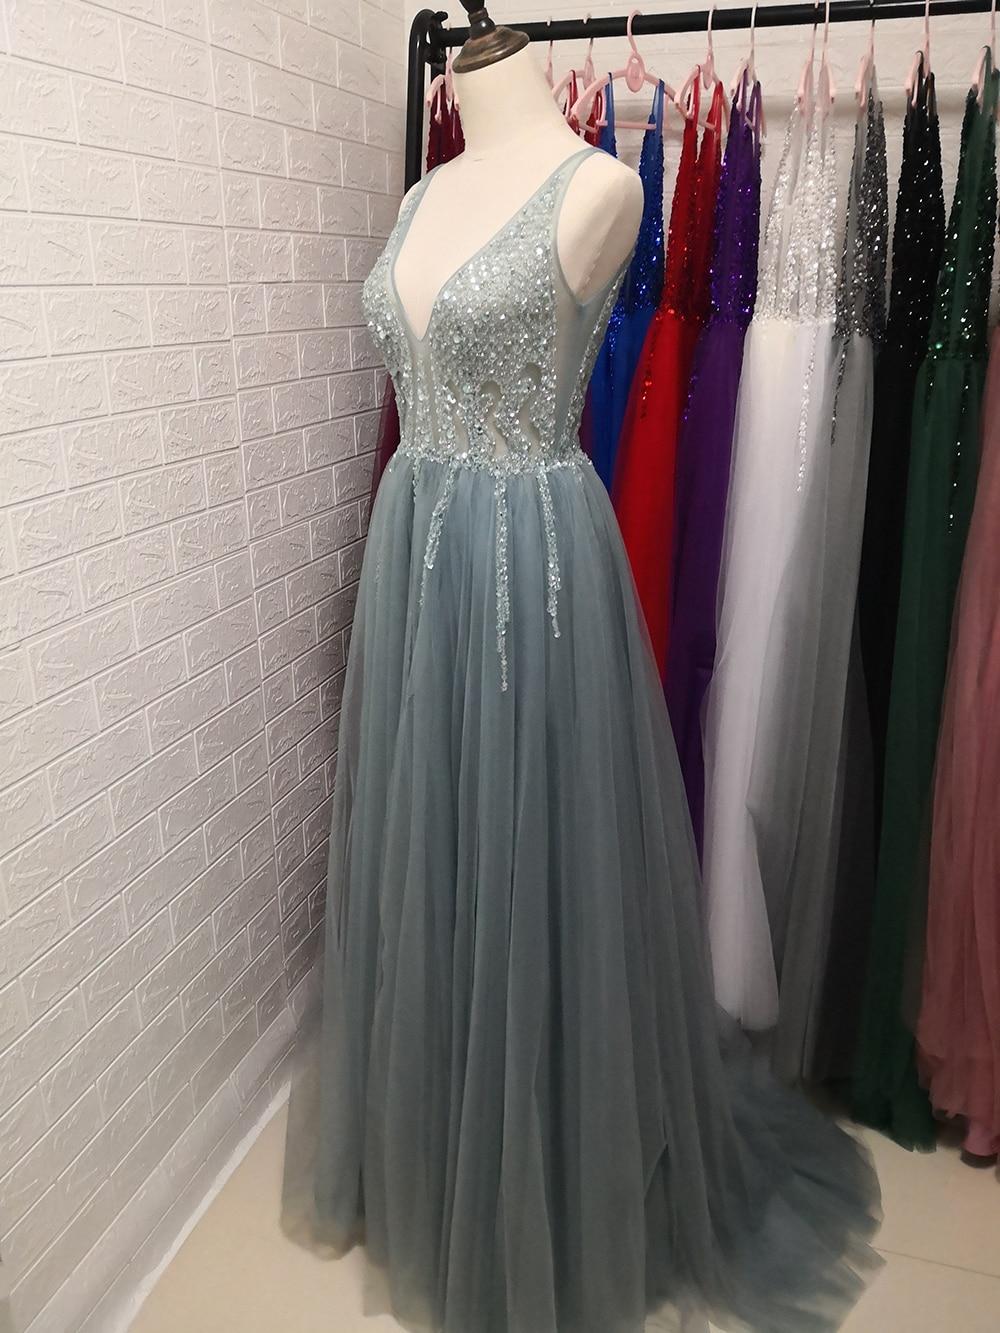 Сексуальное длинное вечернее платье с глубоким v-образным вырезом и разрезом сбоку, Новое поступление года, блестящее платье с высоким разрезом и открытой спиной, Abendkleider Lang - Цвет: haze blue